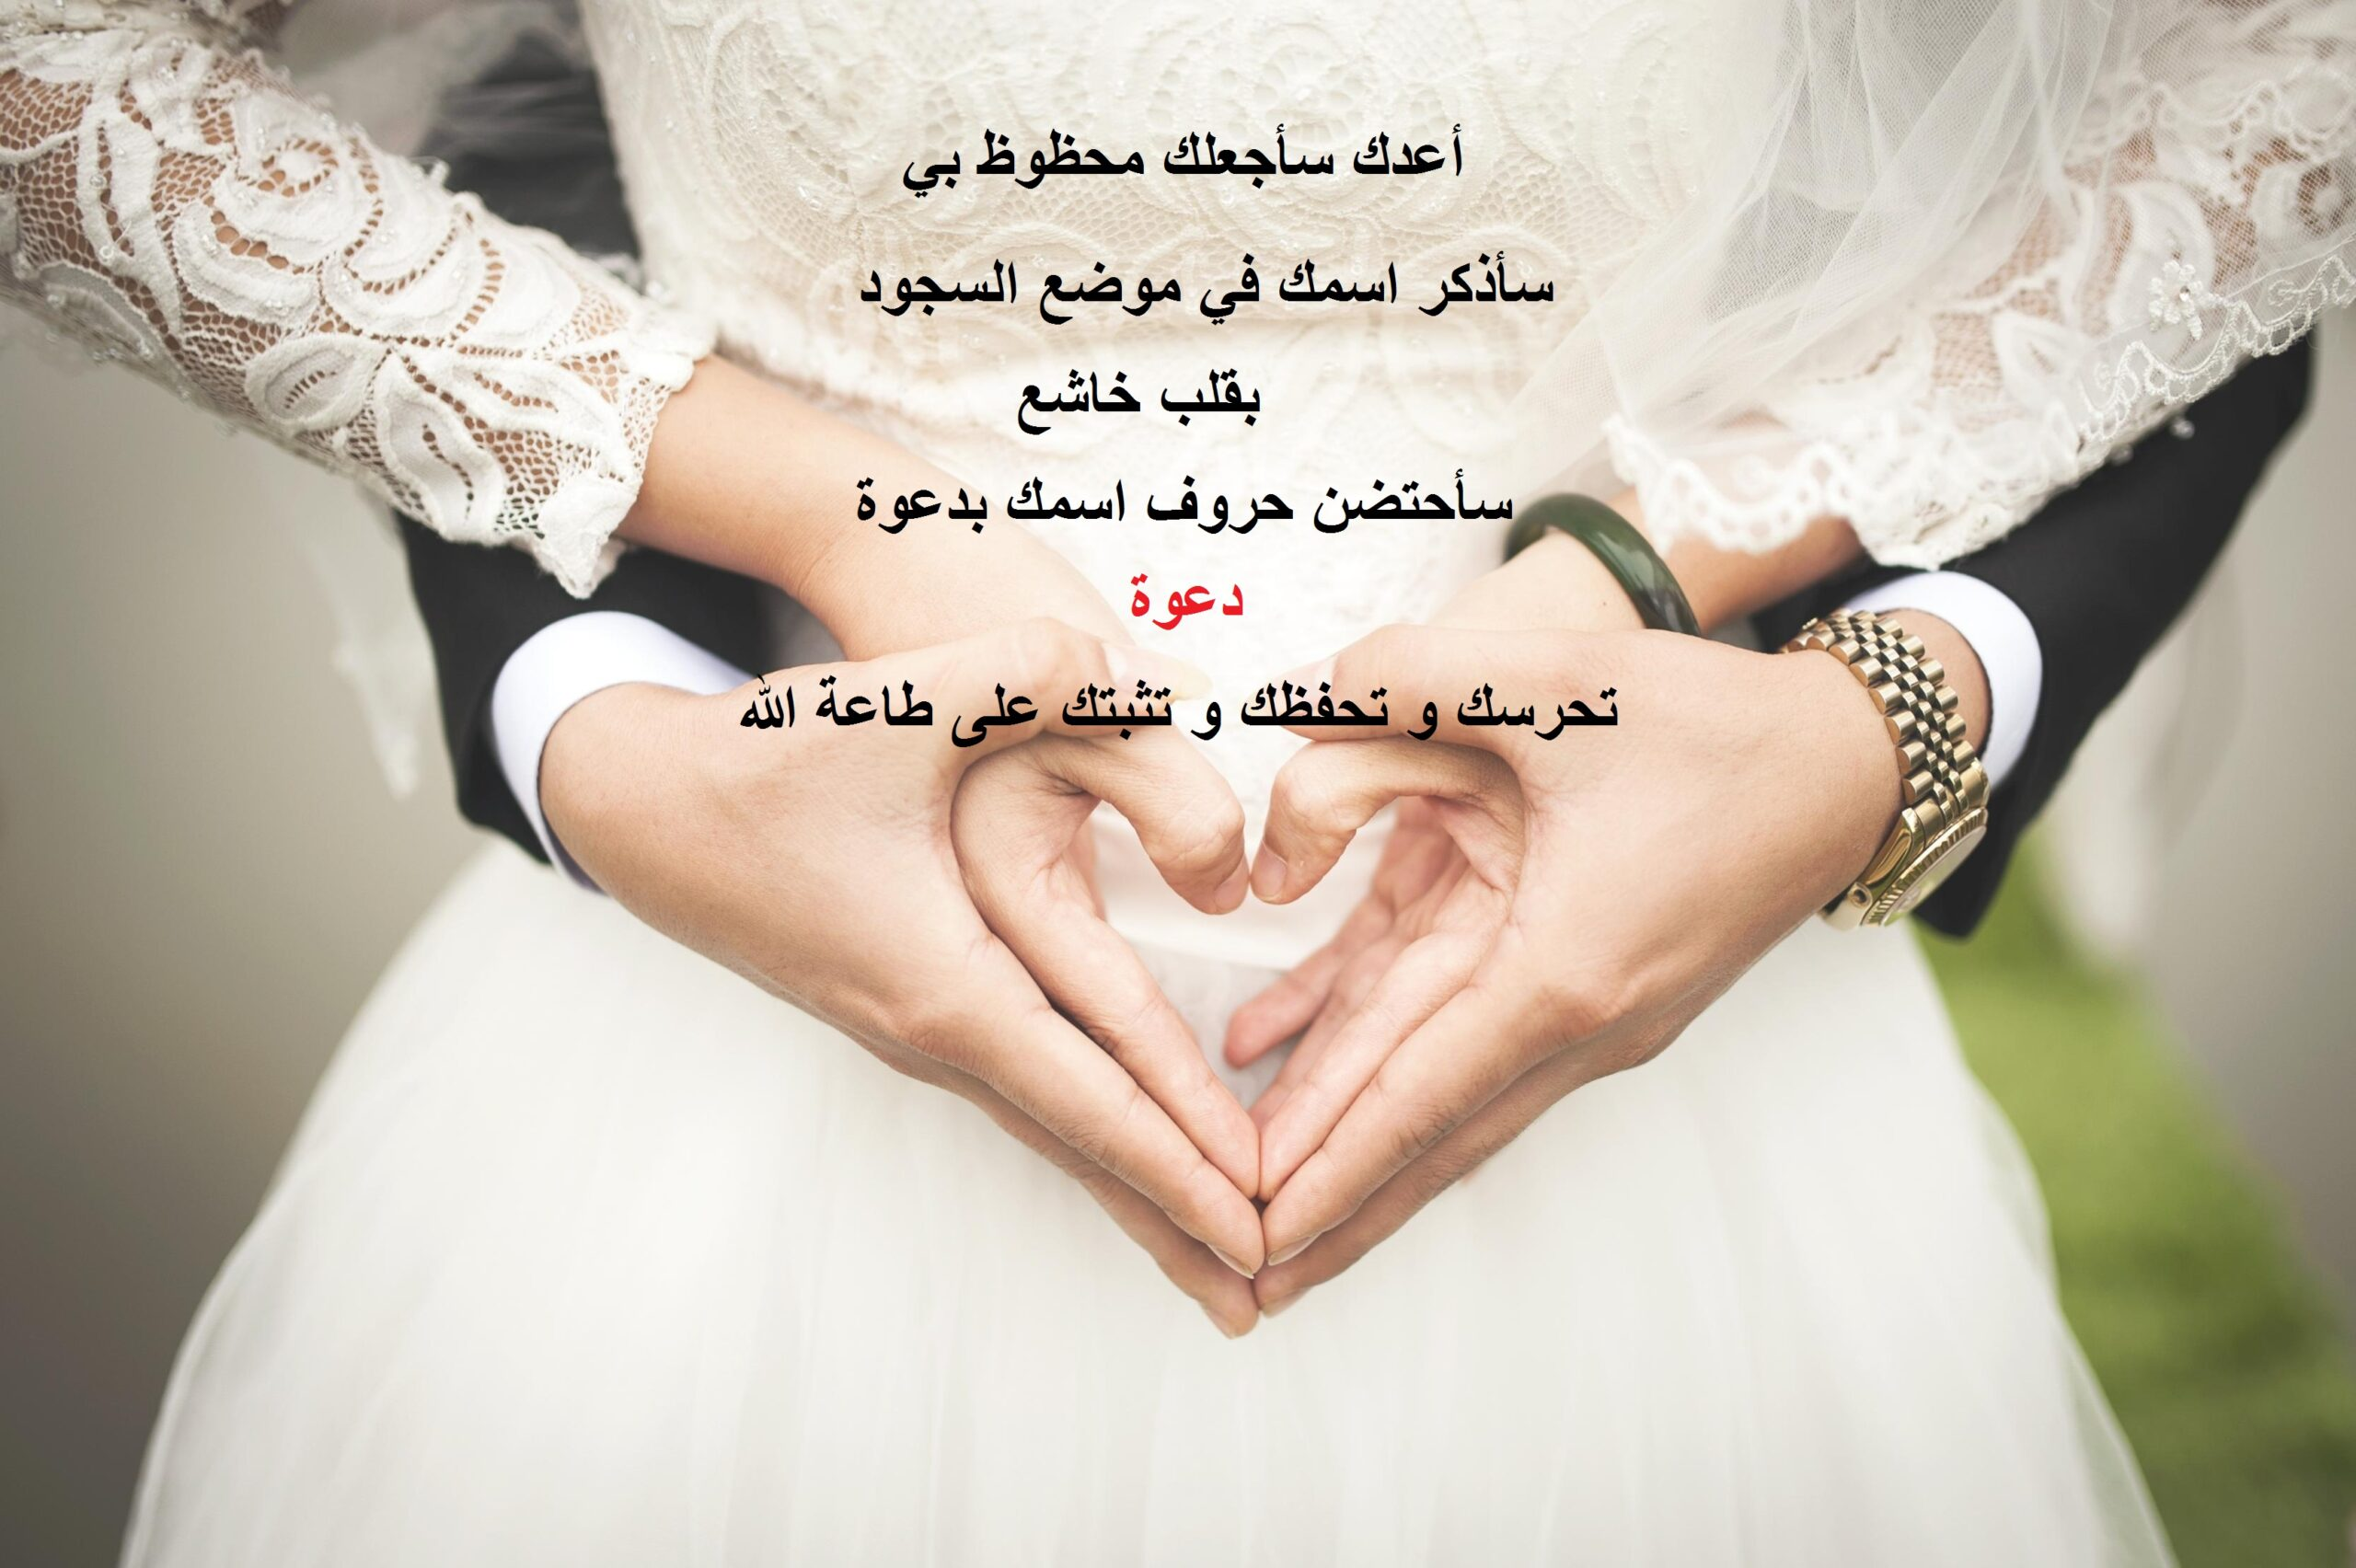 دعاء لزوجي في العيد و اجمل كلمات و عبارات و مسجات العيد للزوج